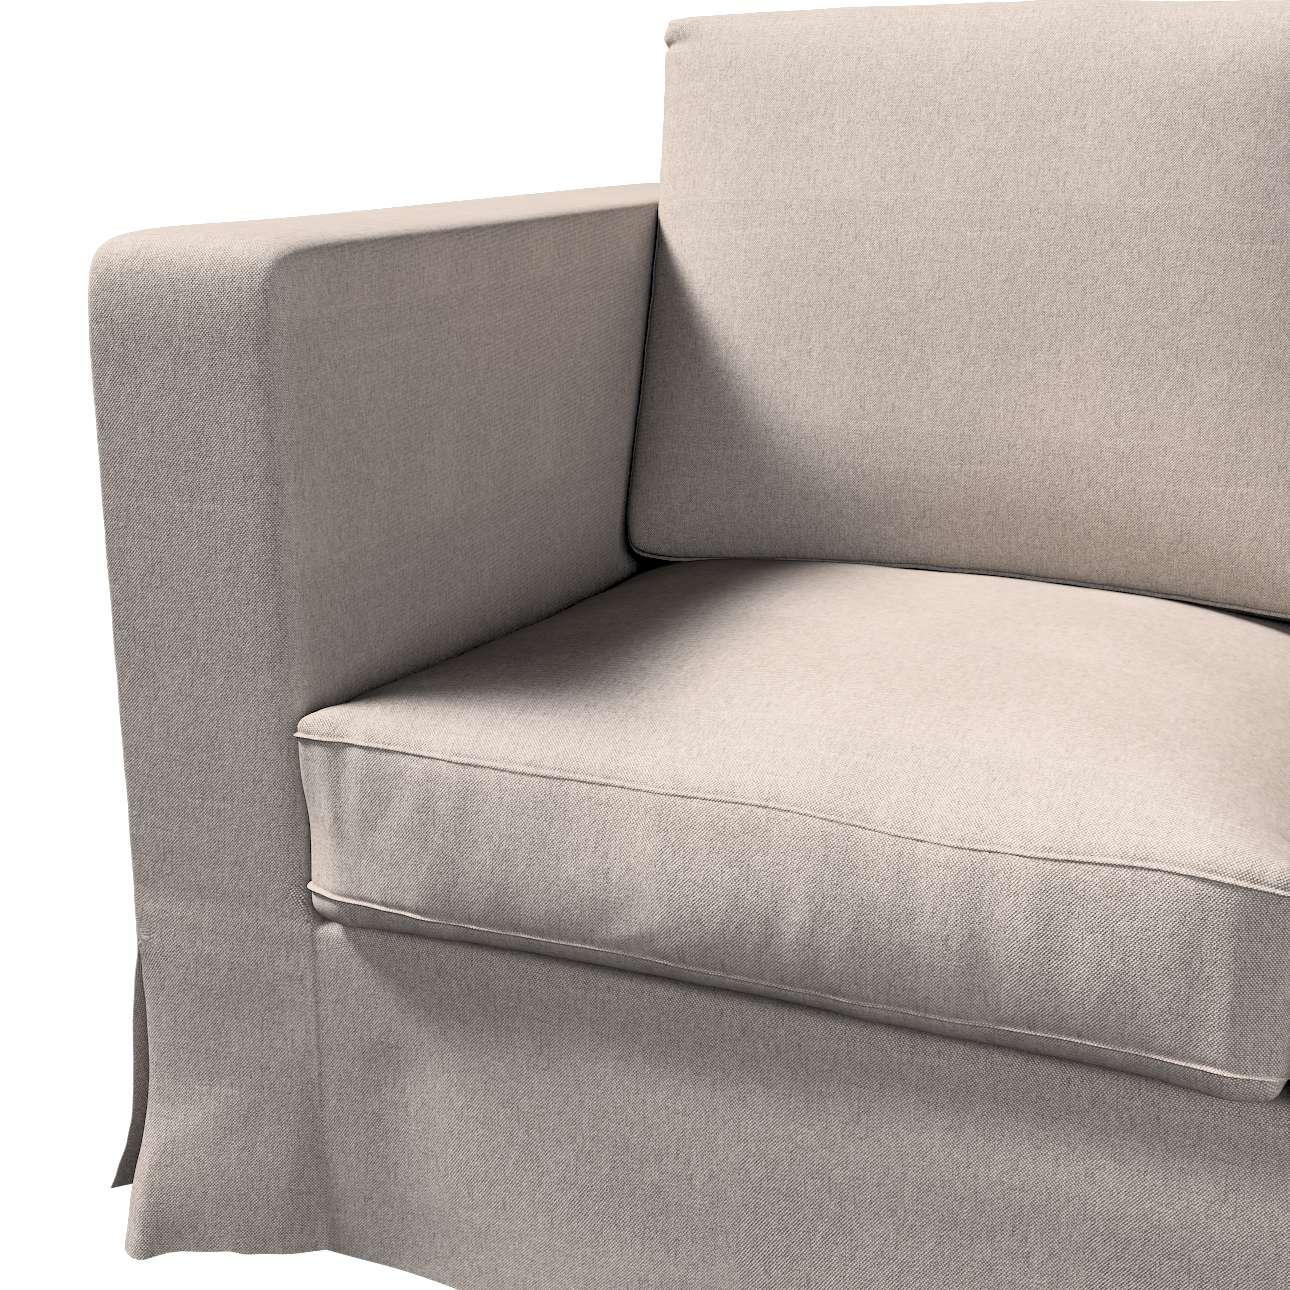 Pokrowiec na sofę Karlanda 3-osobową nierozkładaną, długi w kolekcji Etna, tkanina: 705-09